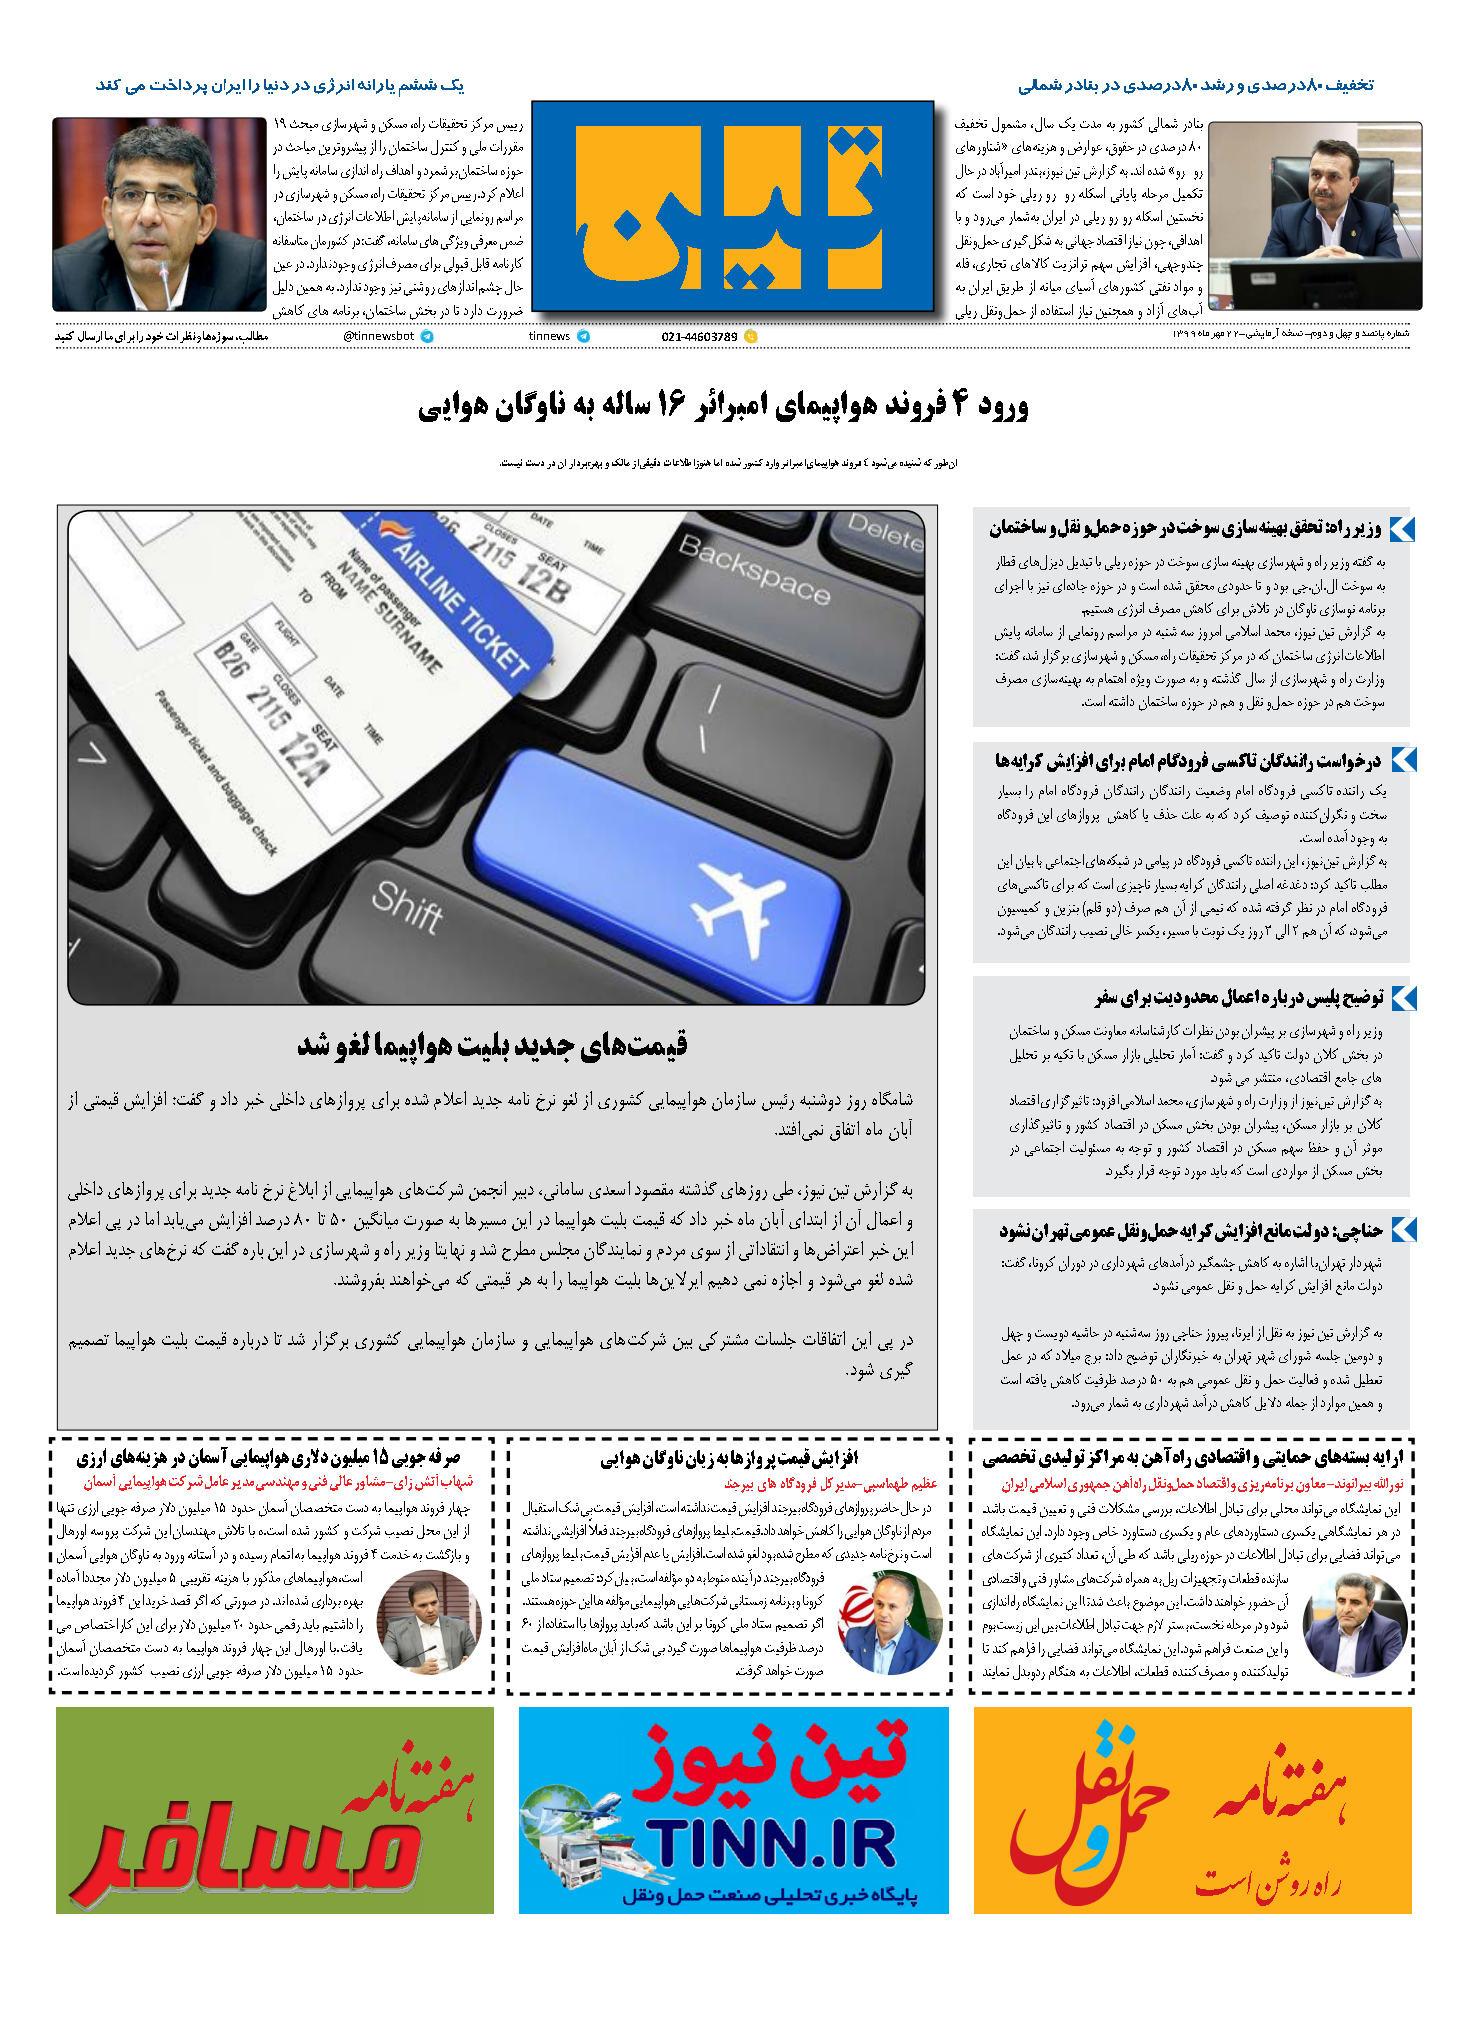 روزنامه الکترونیک 22 مهر ماه 99